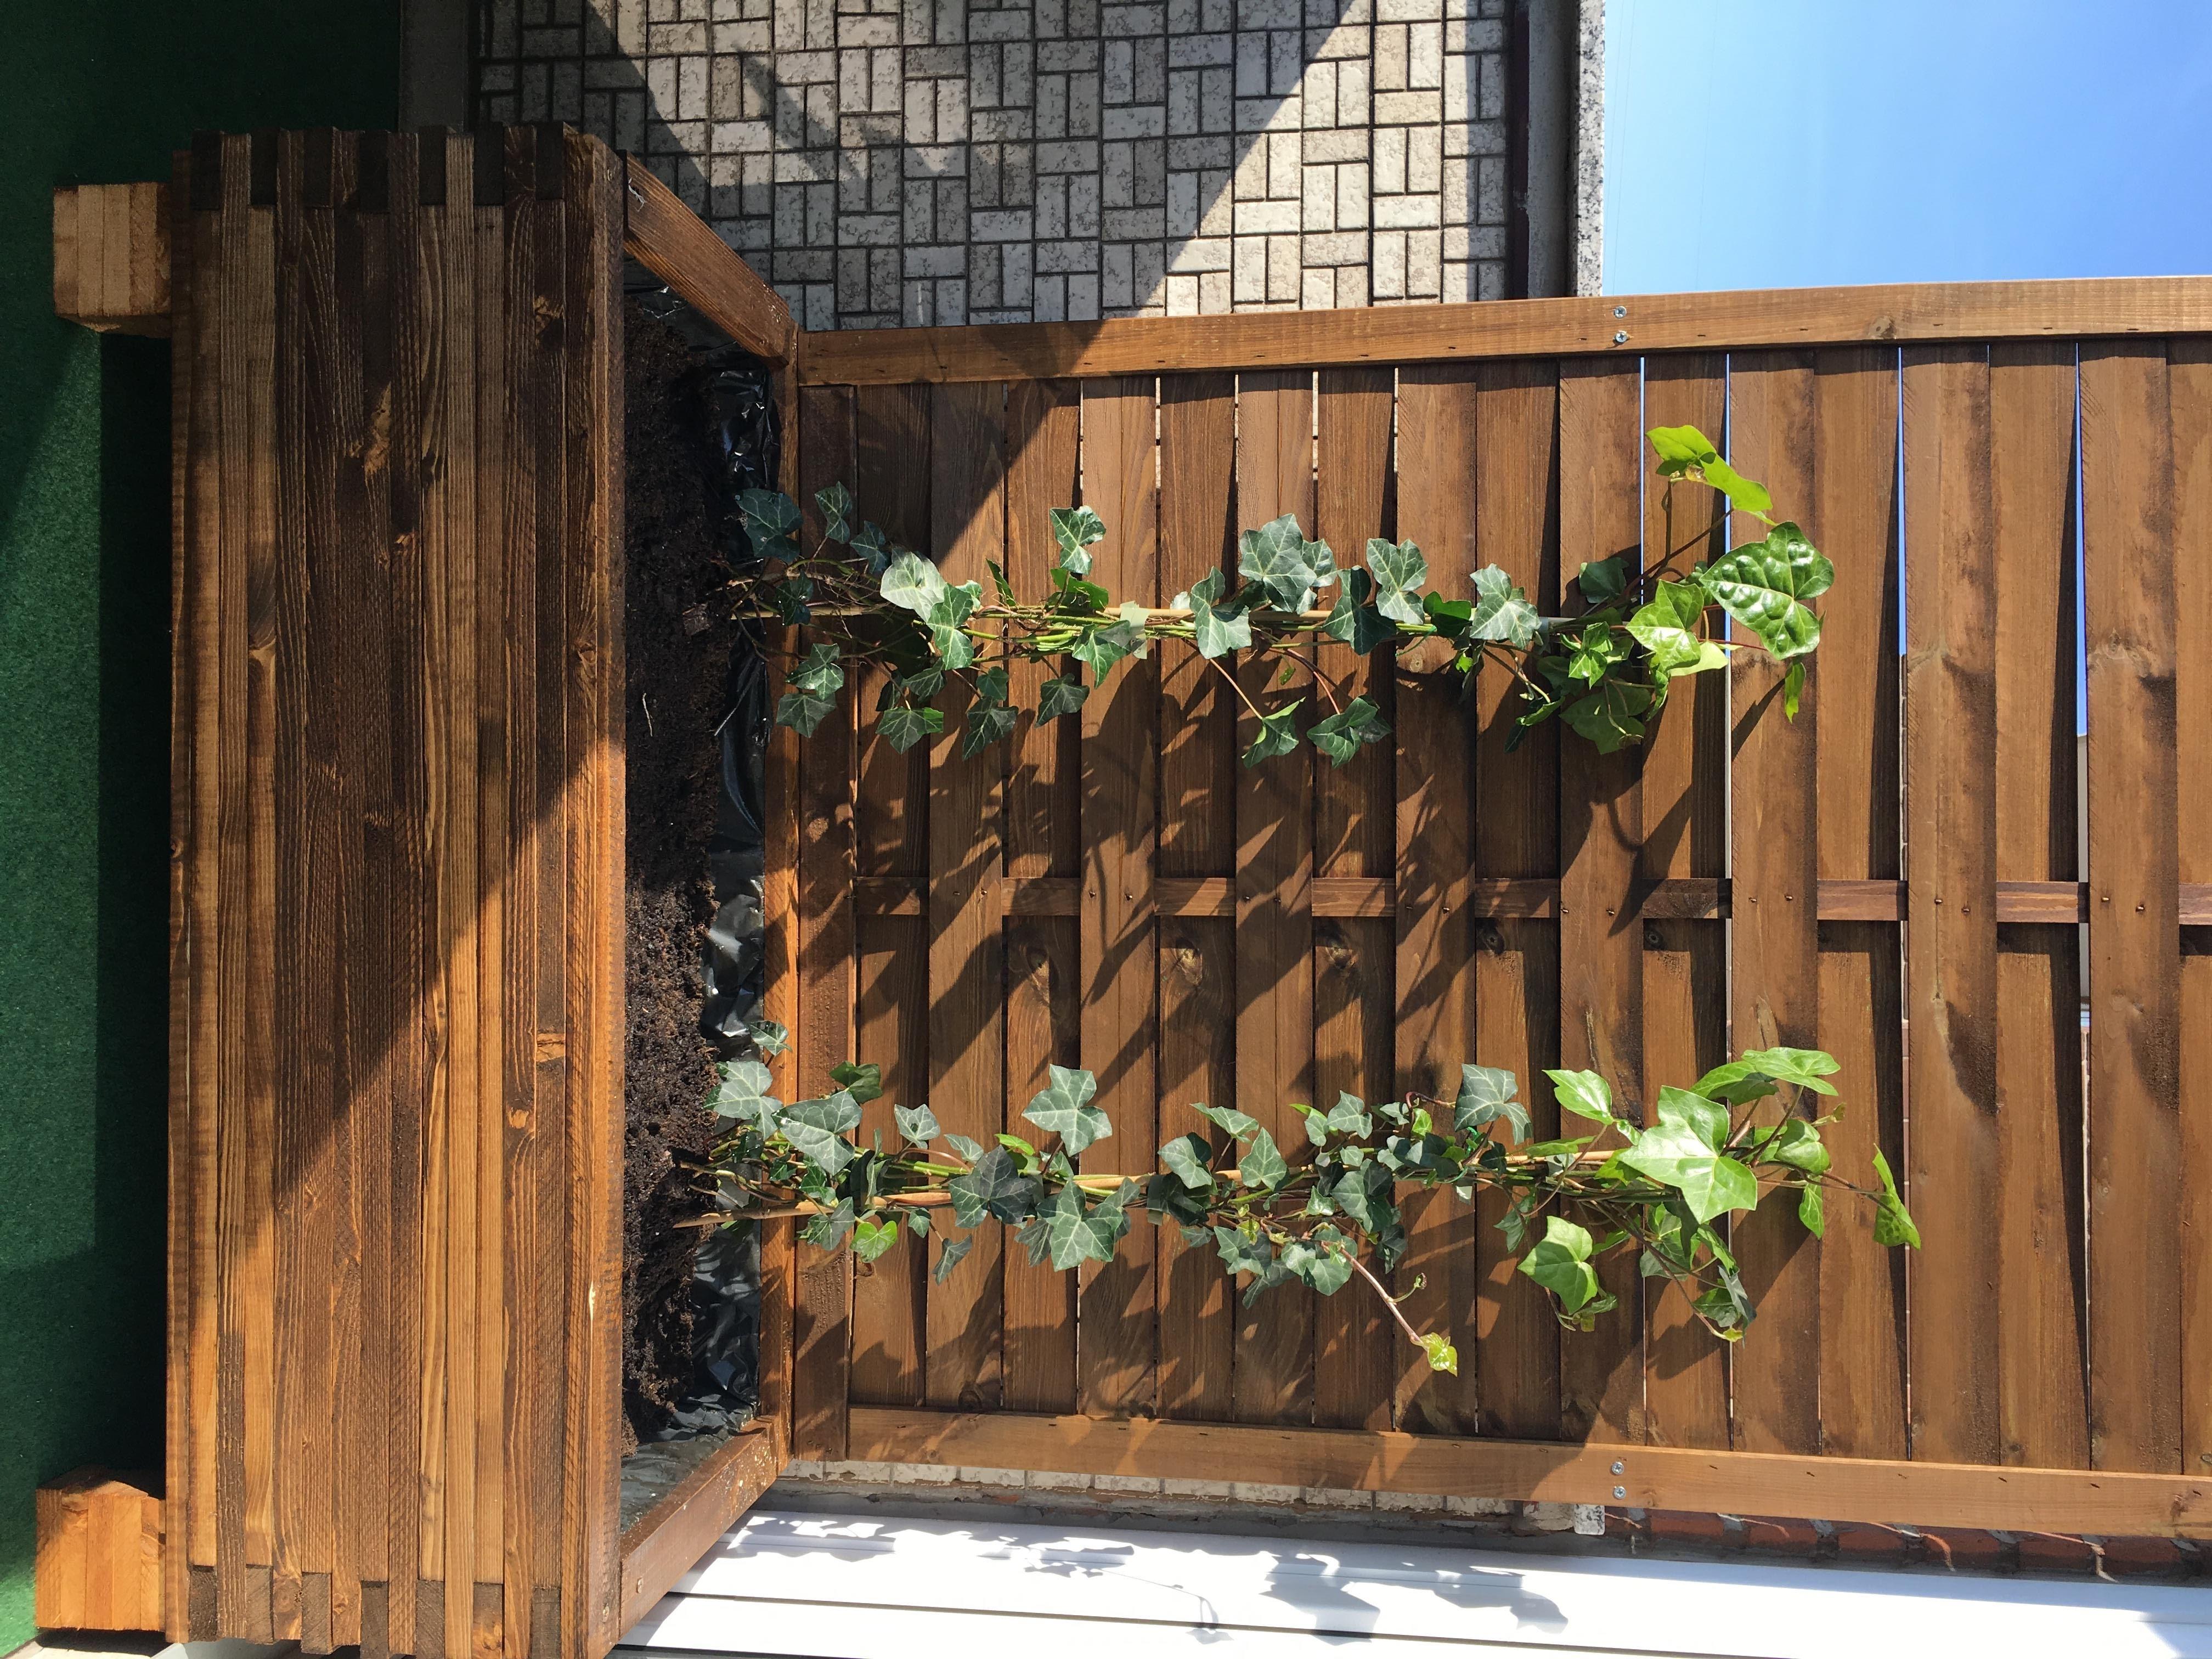 Balkon Sichtschutz Blumenkubel Diy Anleitung Balkon Sichtschutz